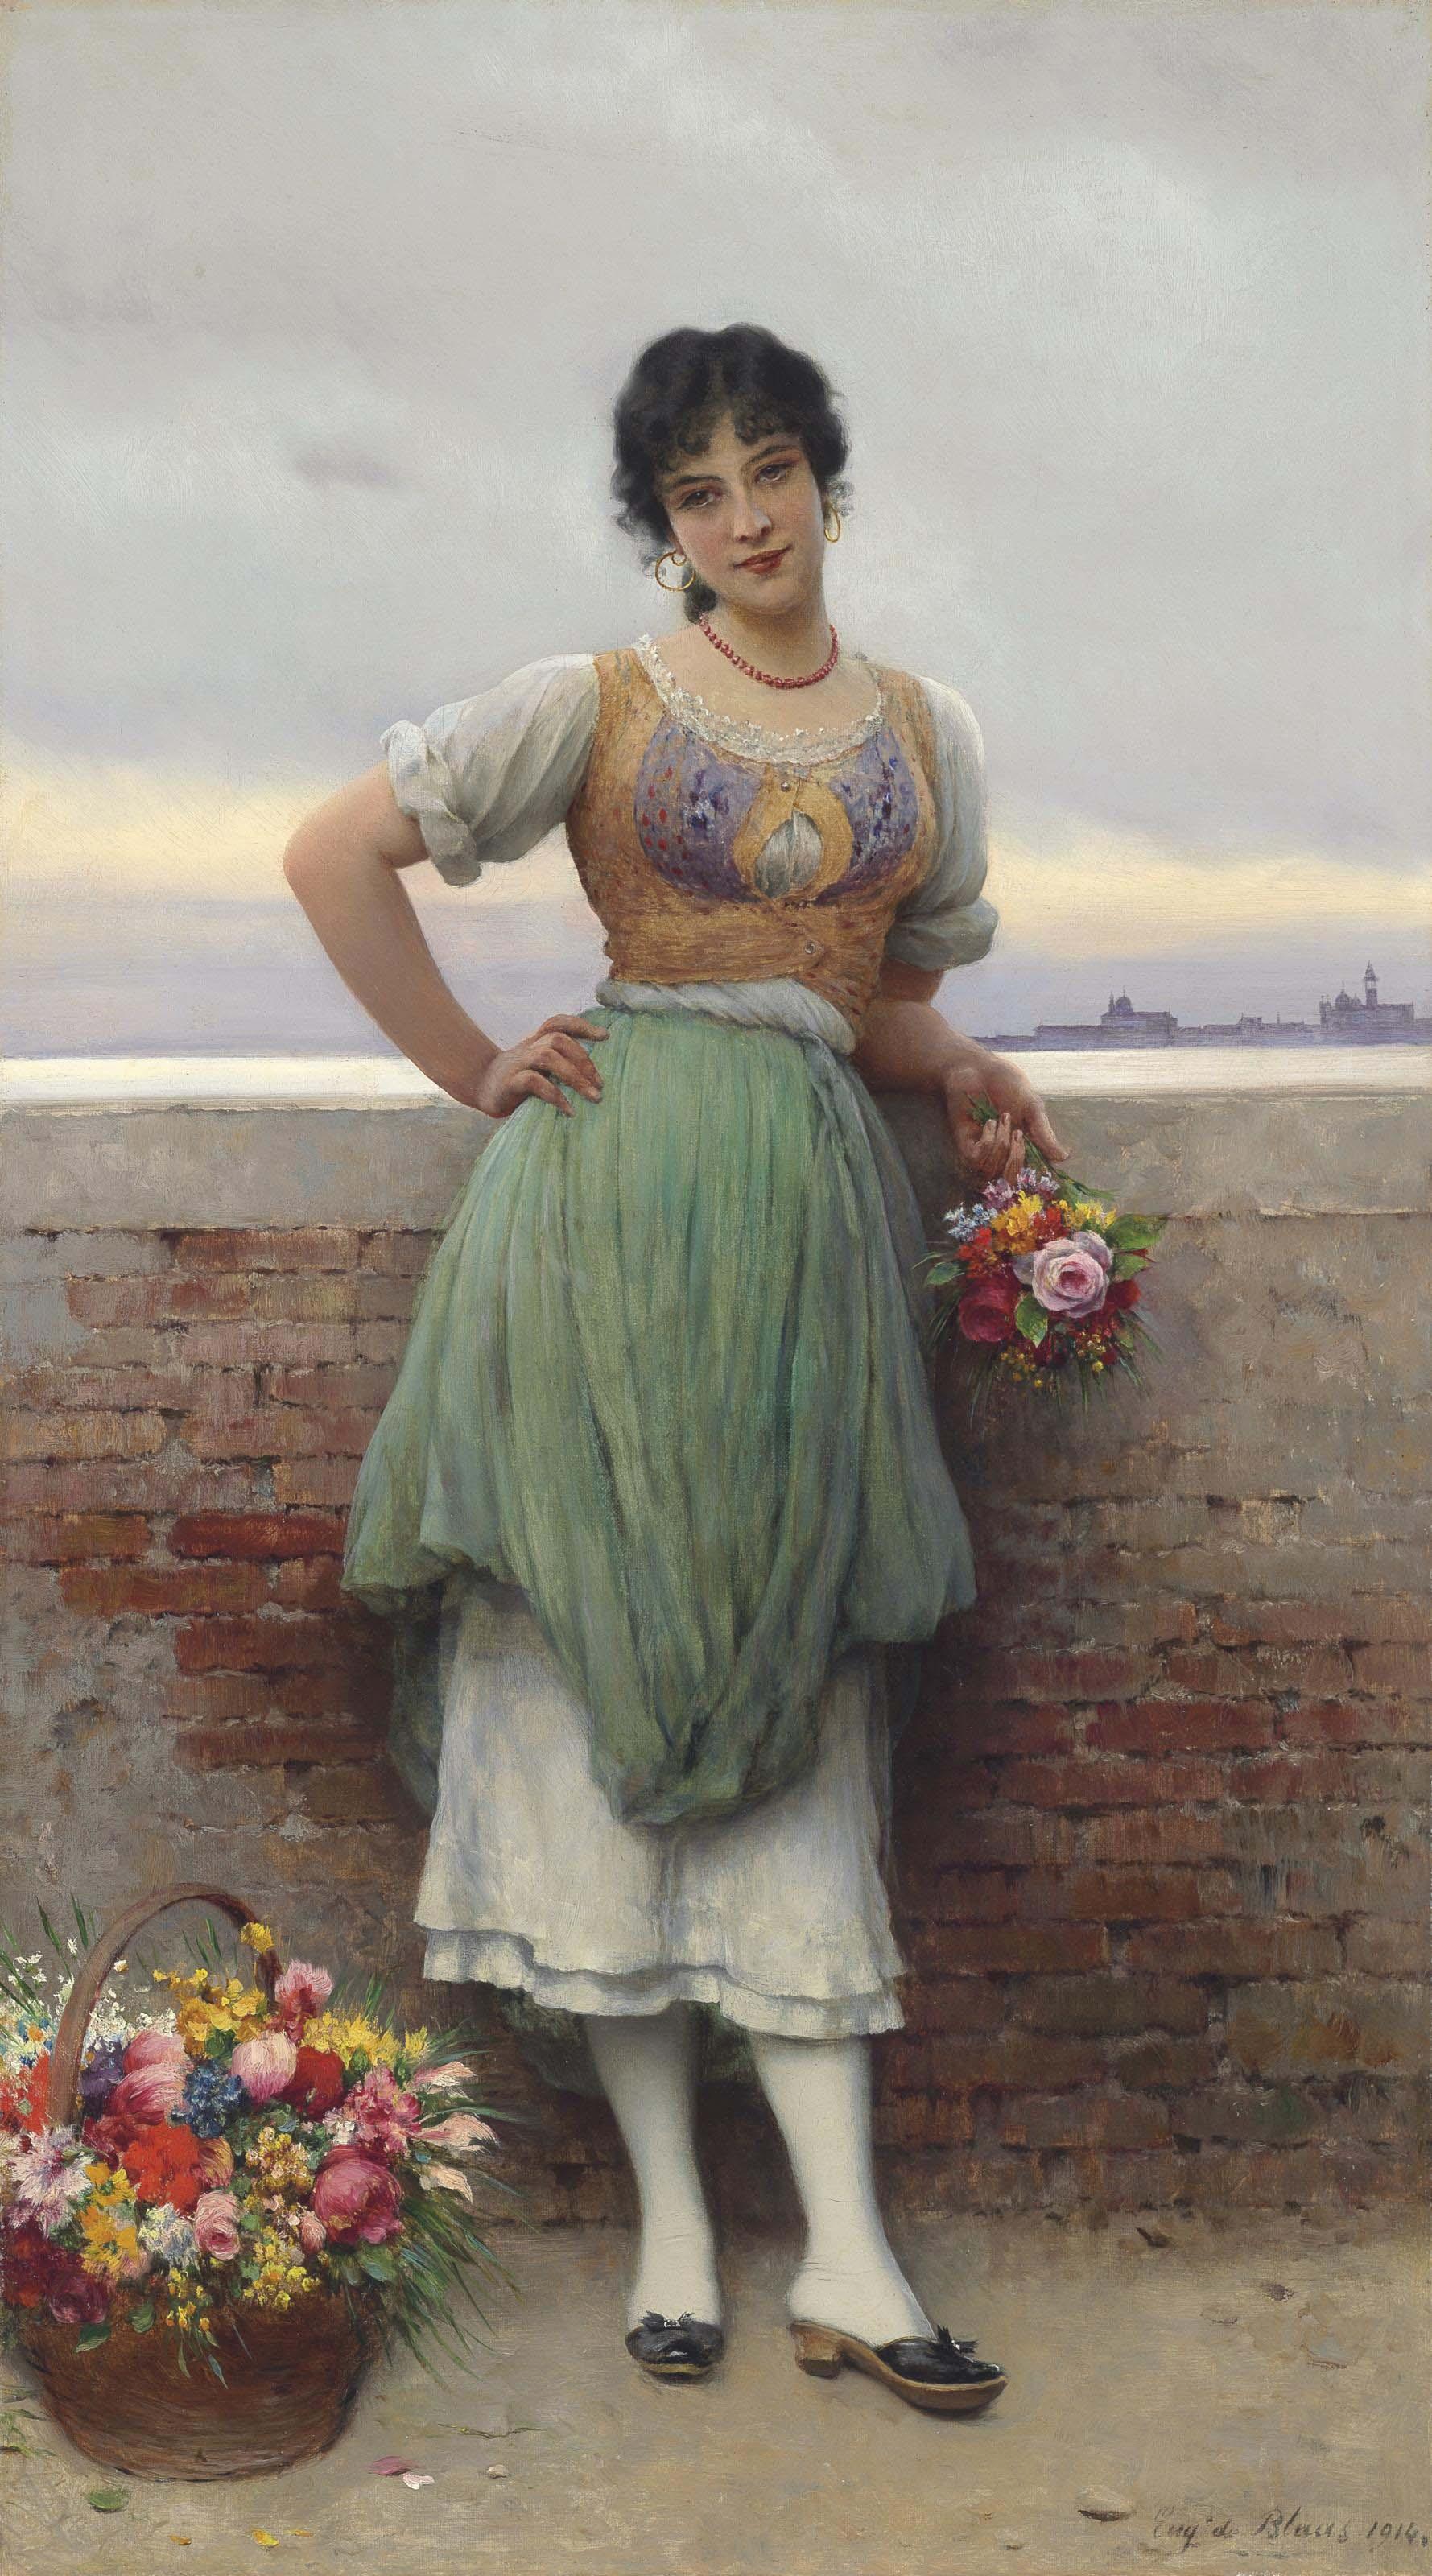 The Venetian Flower Seller